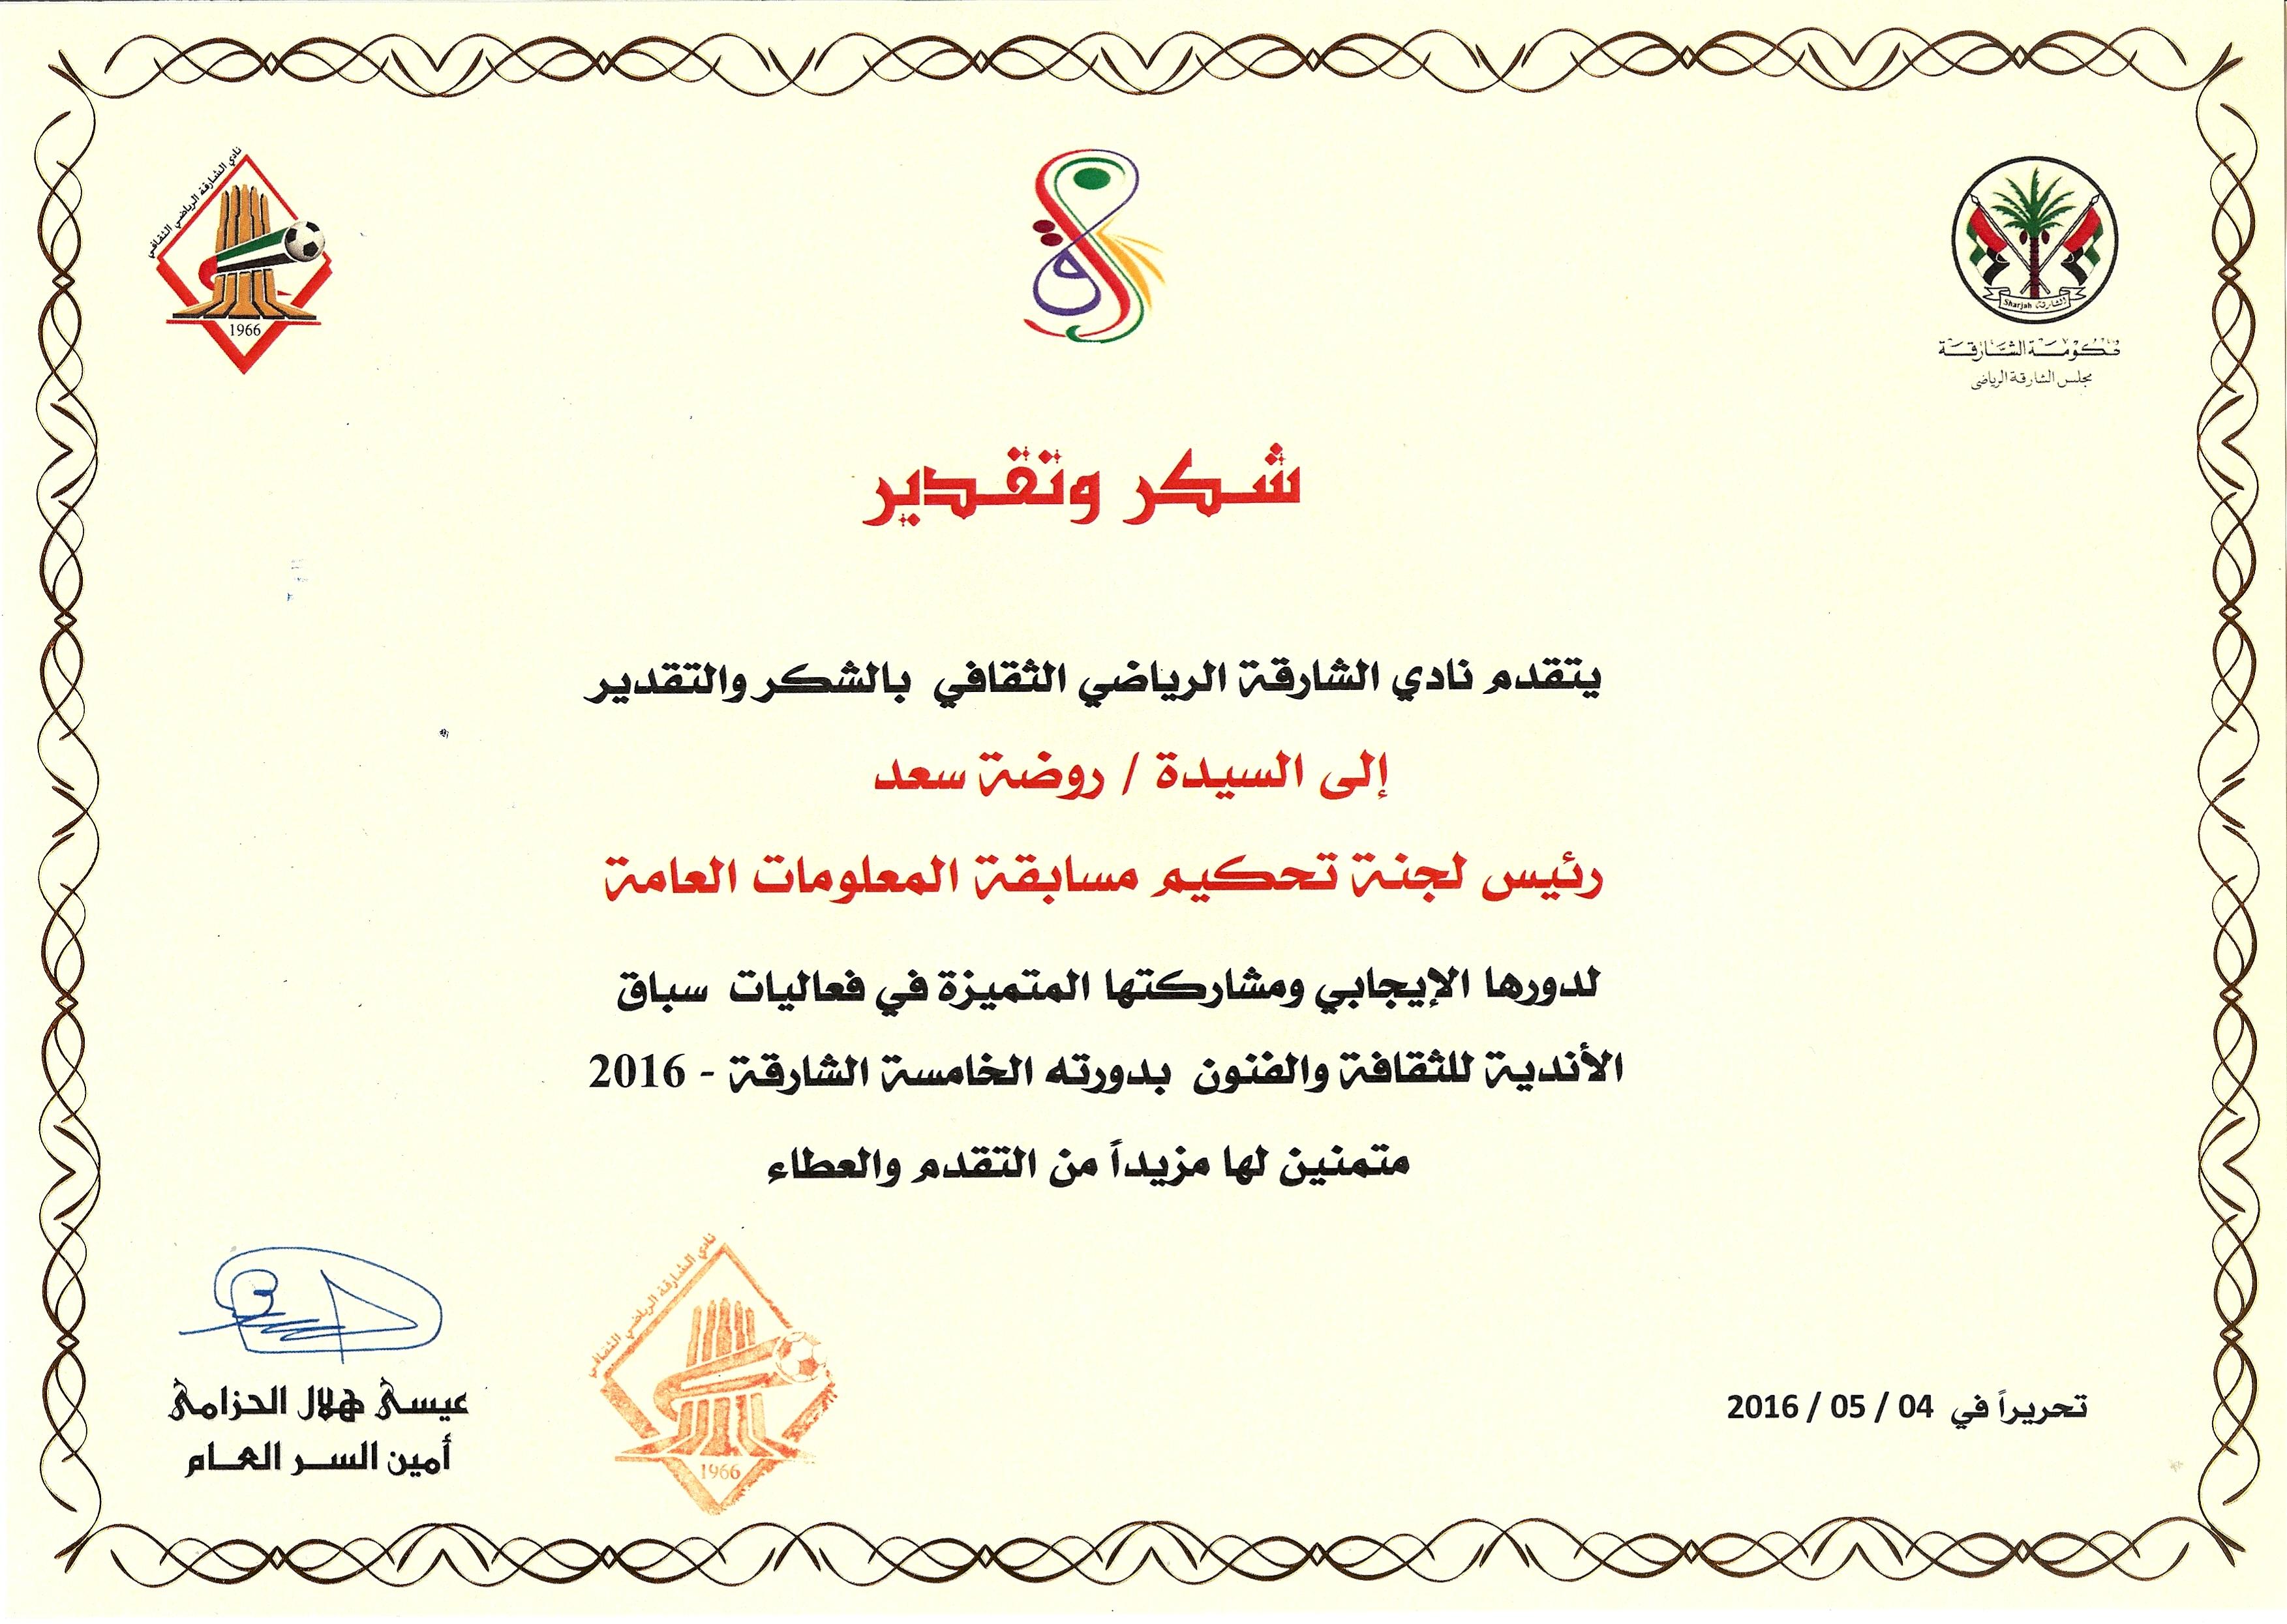 شكر وتقدير - رئيس لجنة تحكيم مسابقة المع